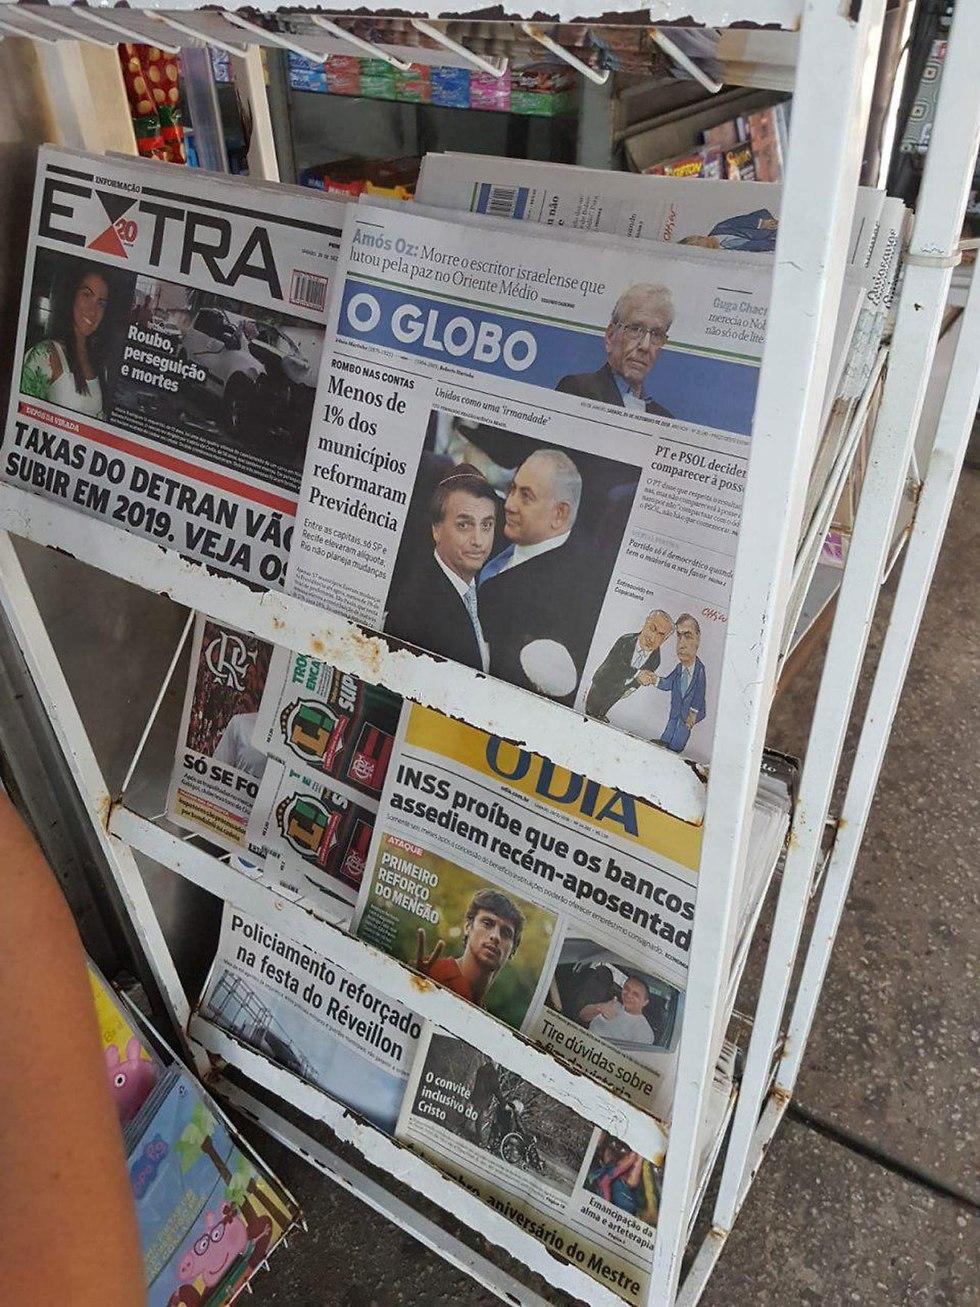 סיקור פגישתם של נתניהו ובולסונרו בעיתונות הברזילאית ()